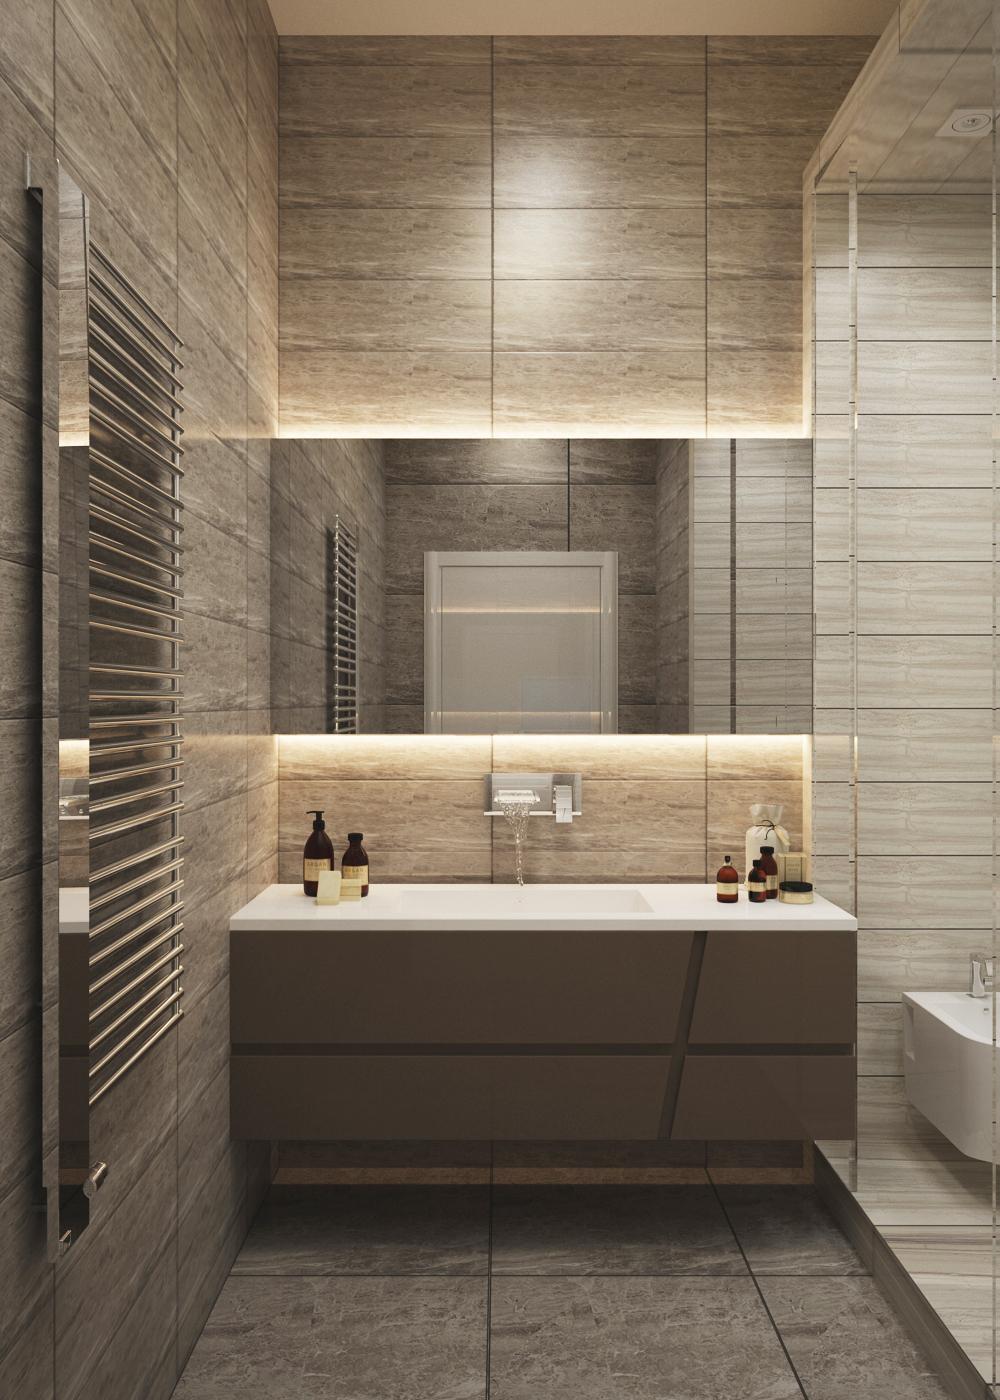 10_1_floor_bathroom 1_view 1.jpg